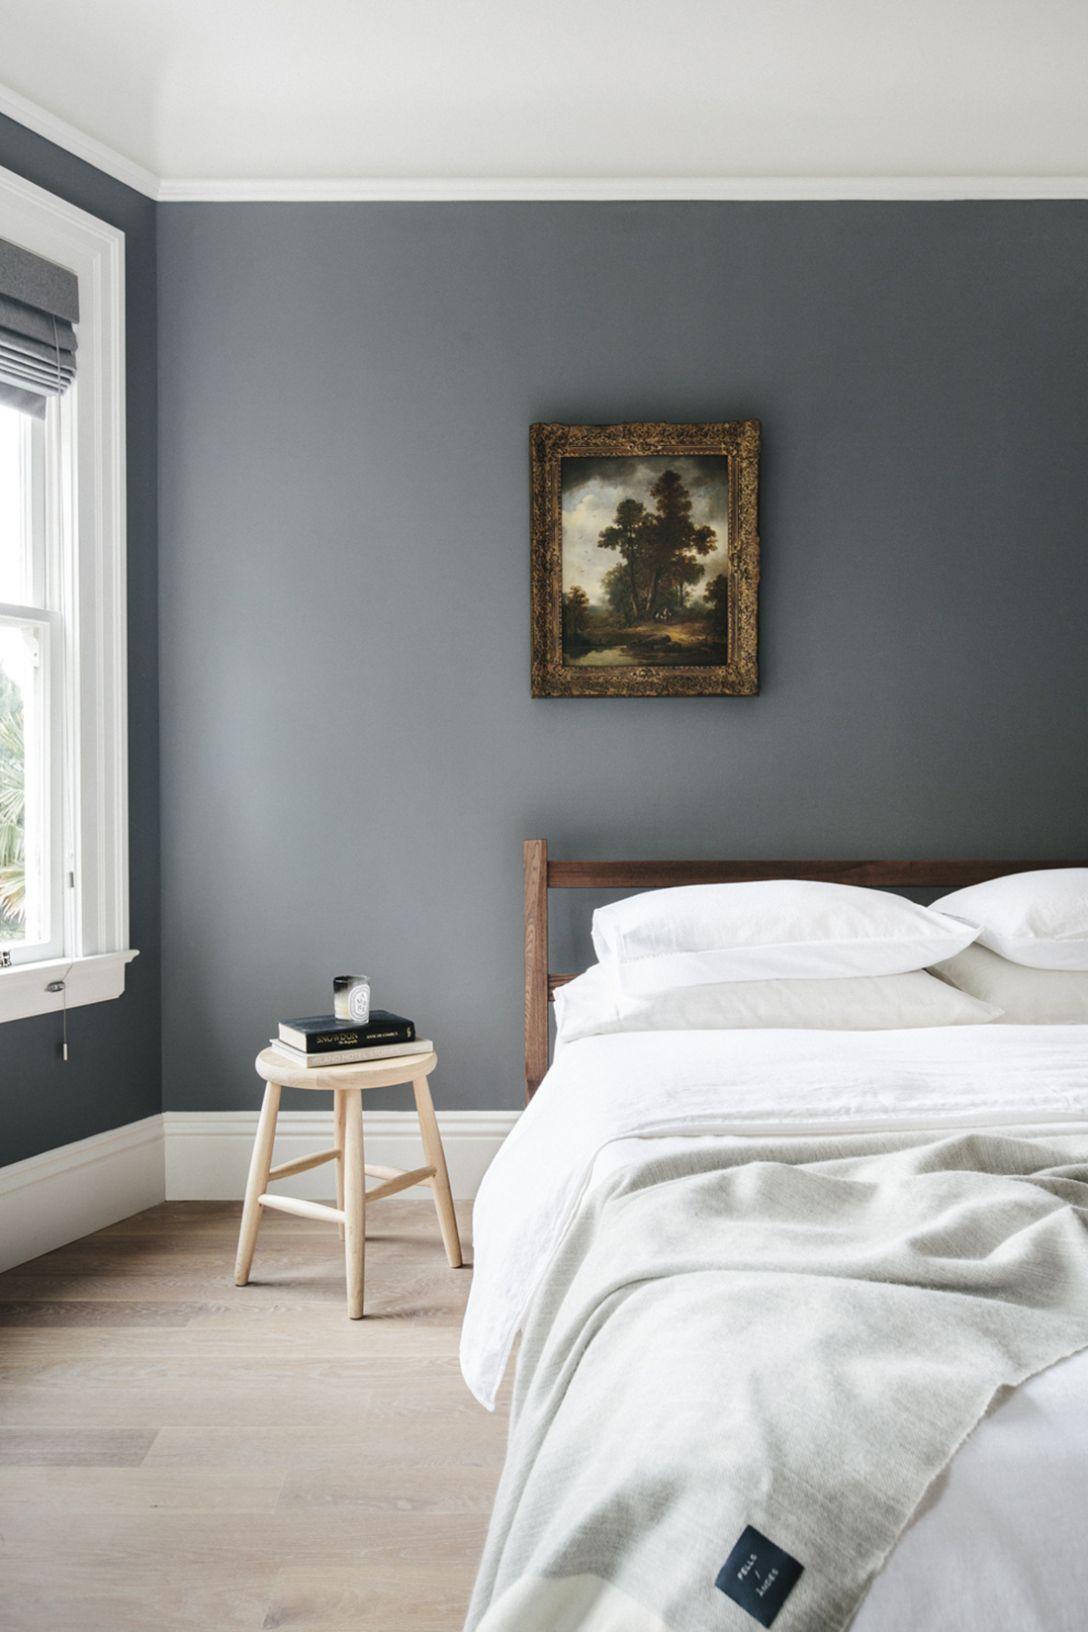 Decorating ideas for living room walls vieux tableaux pour intérieurs contemporains  elephant in the room